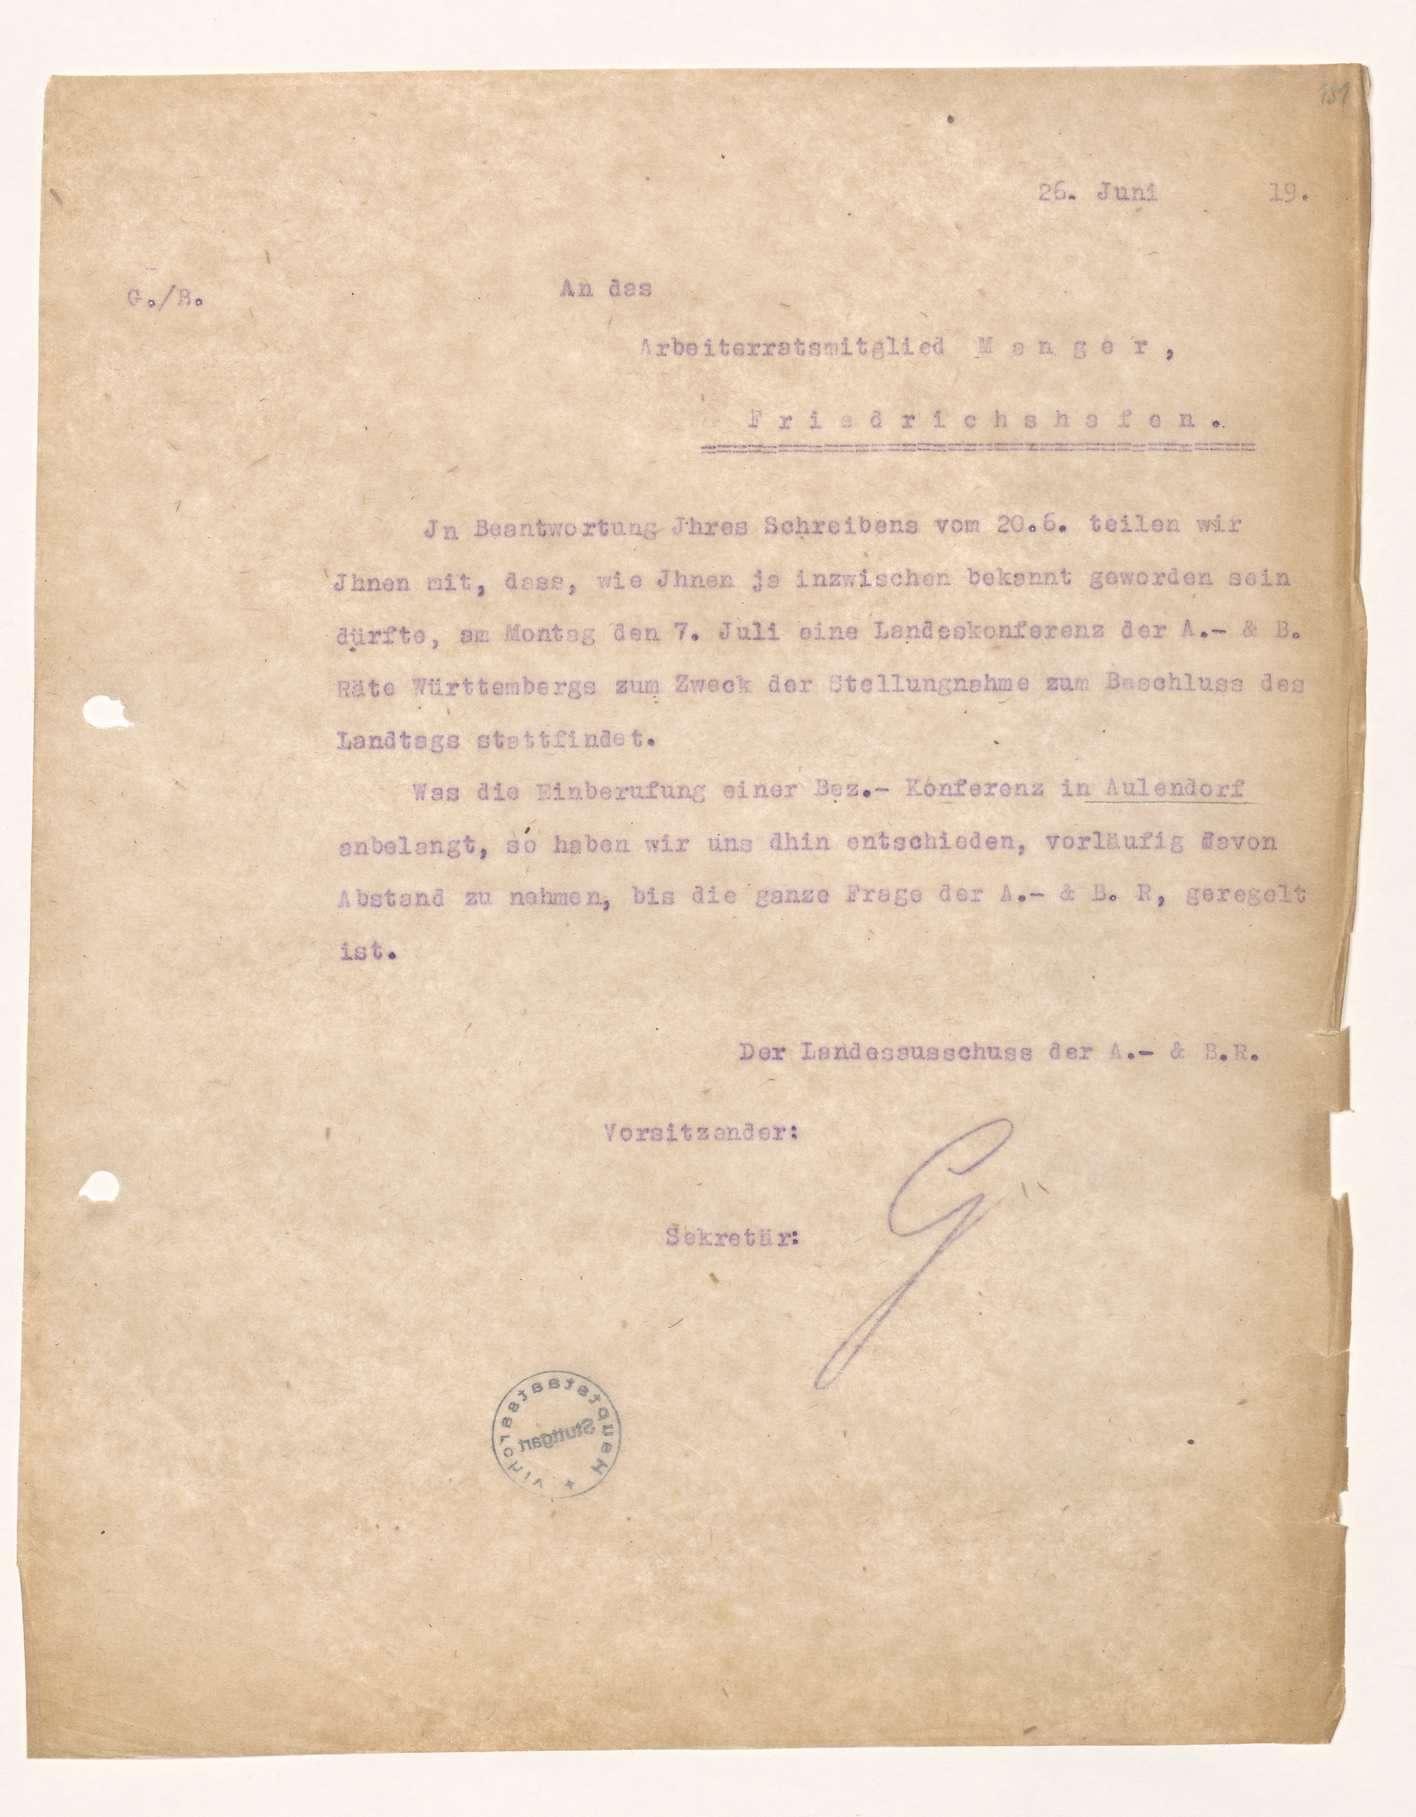 Versammlungen örtlicher Arbeiterräte, teilweise unter Mitwirkung des Ladensausschusses, Bild 3